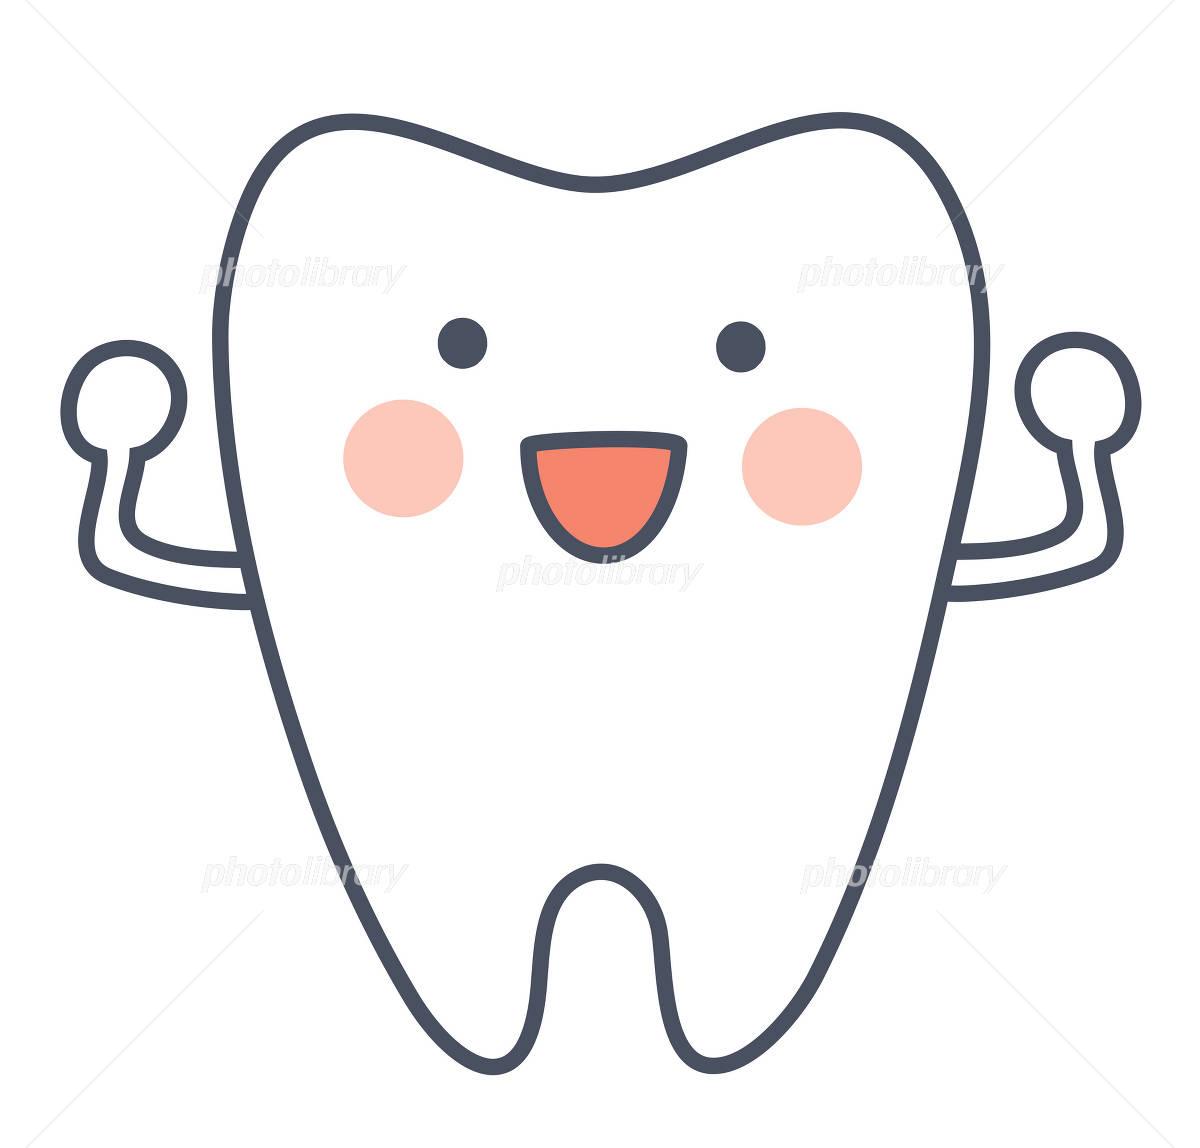 健康的な歯 イラスト素材 853446 フォトライブラリー Photolibrary